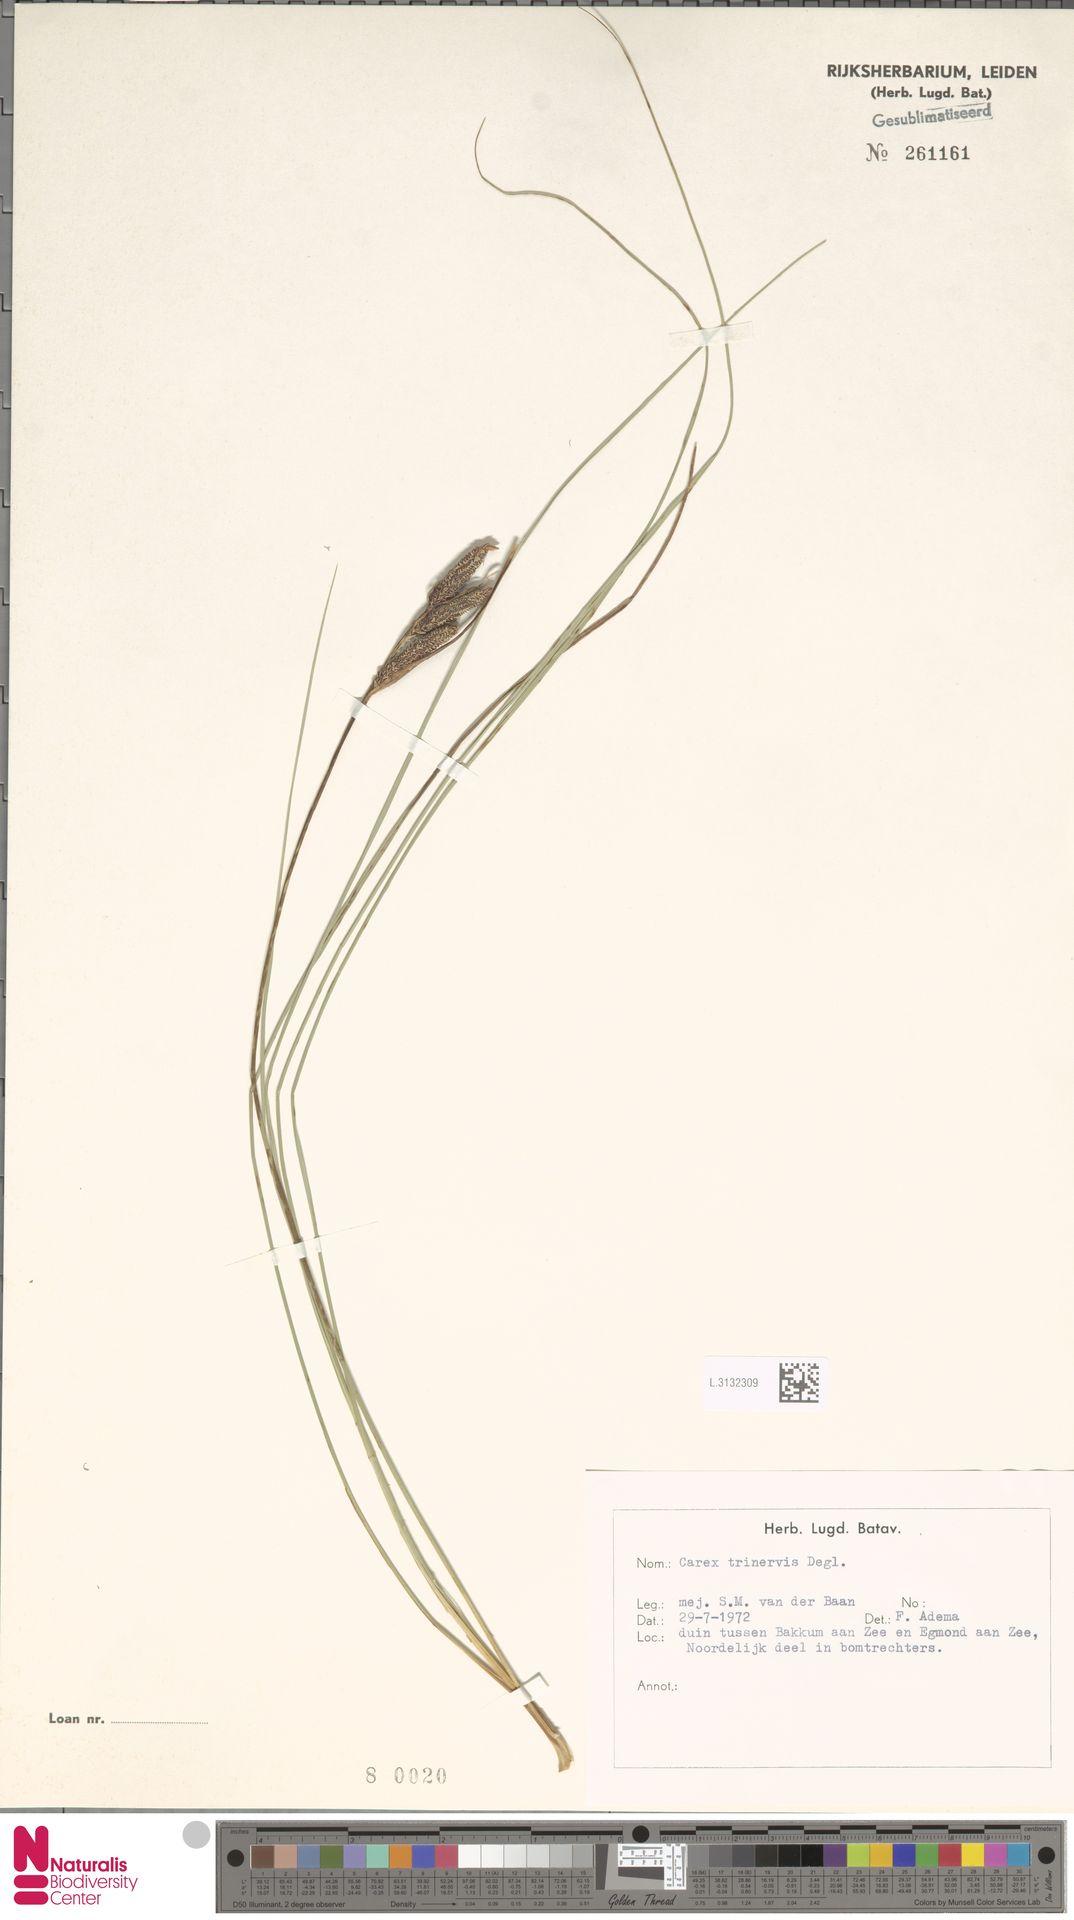 L.3132309   Carex trinervis Degl.